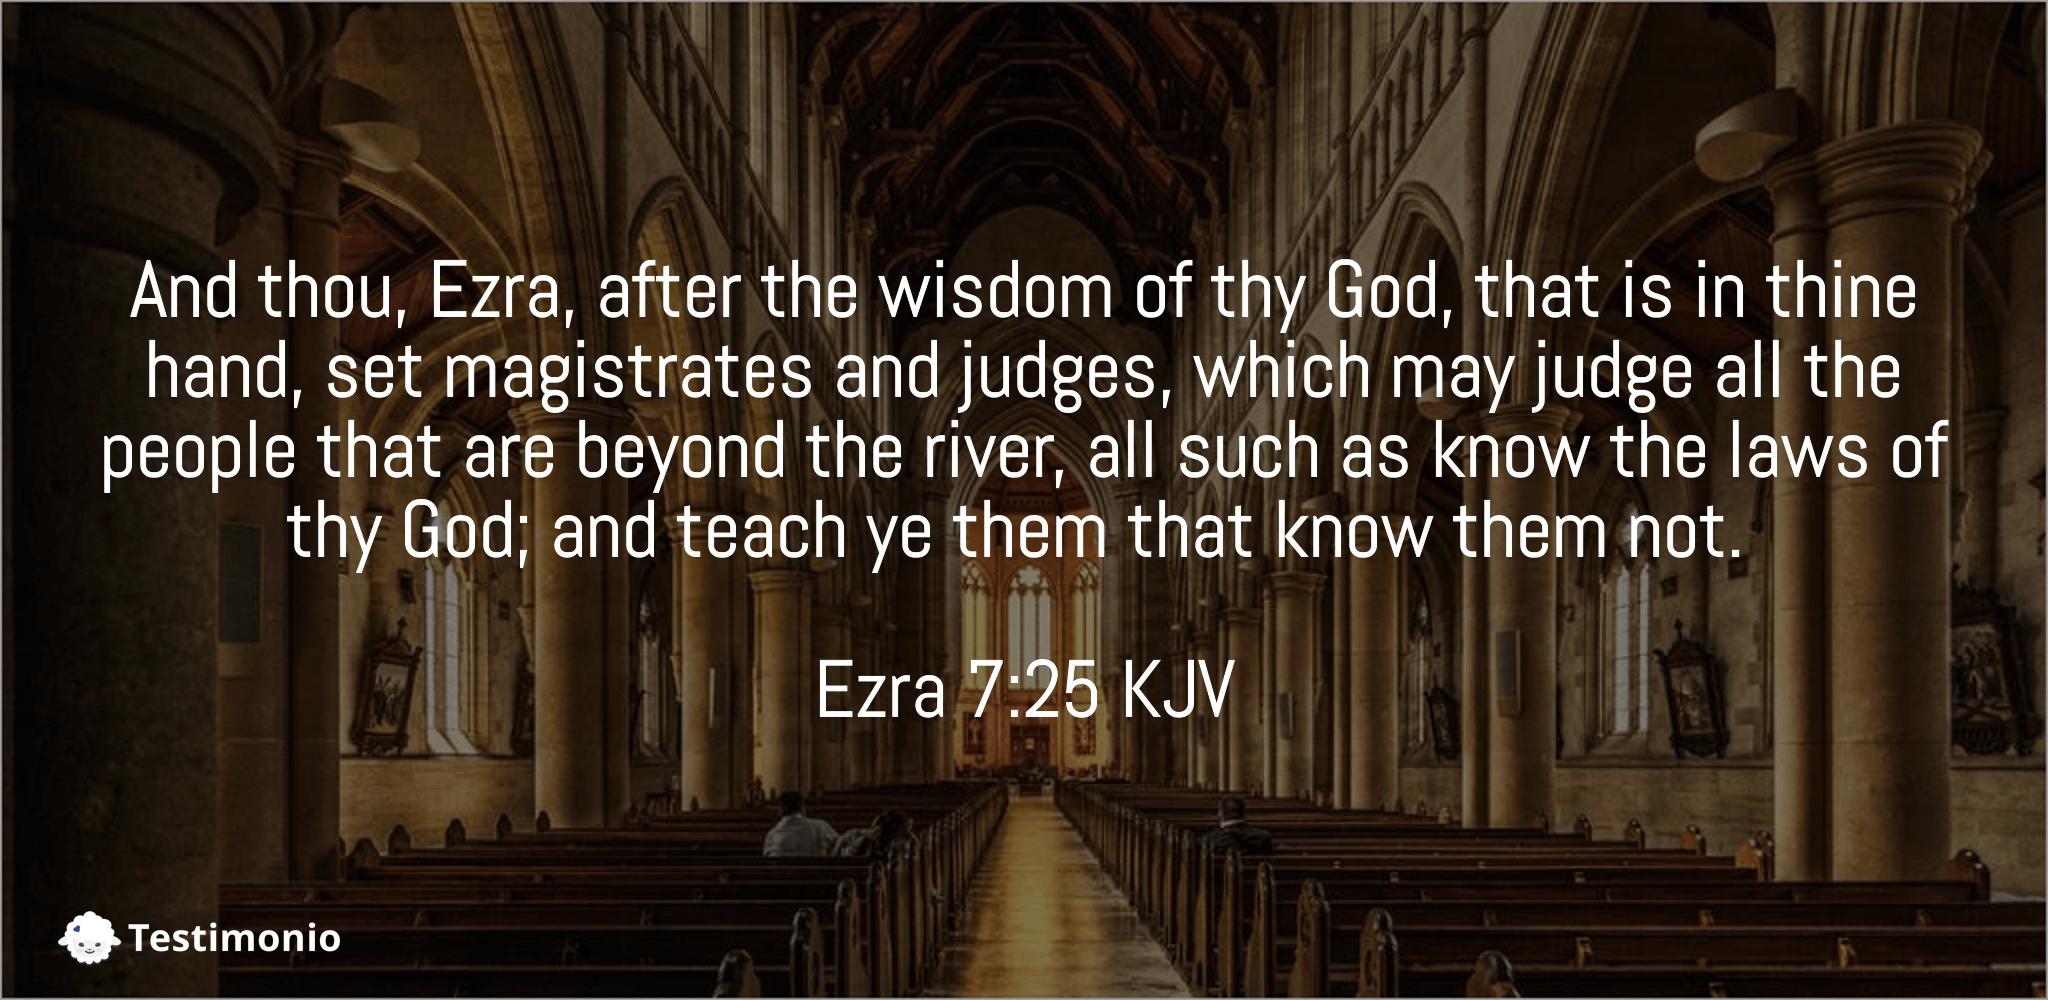 Ezra 7:25